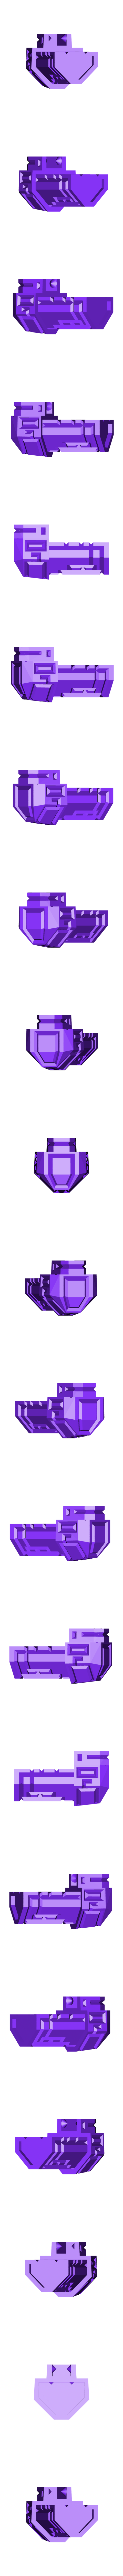 TORPEDO-launcher.STL Télécharger fichier STL gratuit Cybran T2 Destroyer - Salem Class • Plan à imprimer en 3D, Steyrc